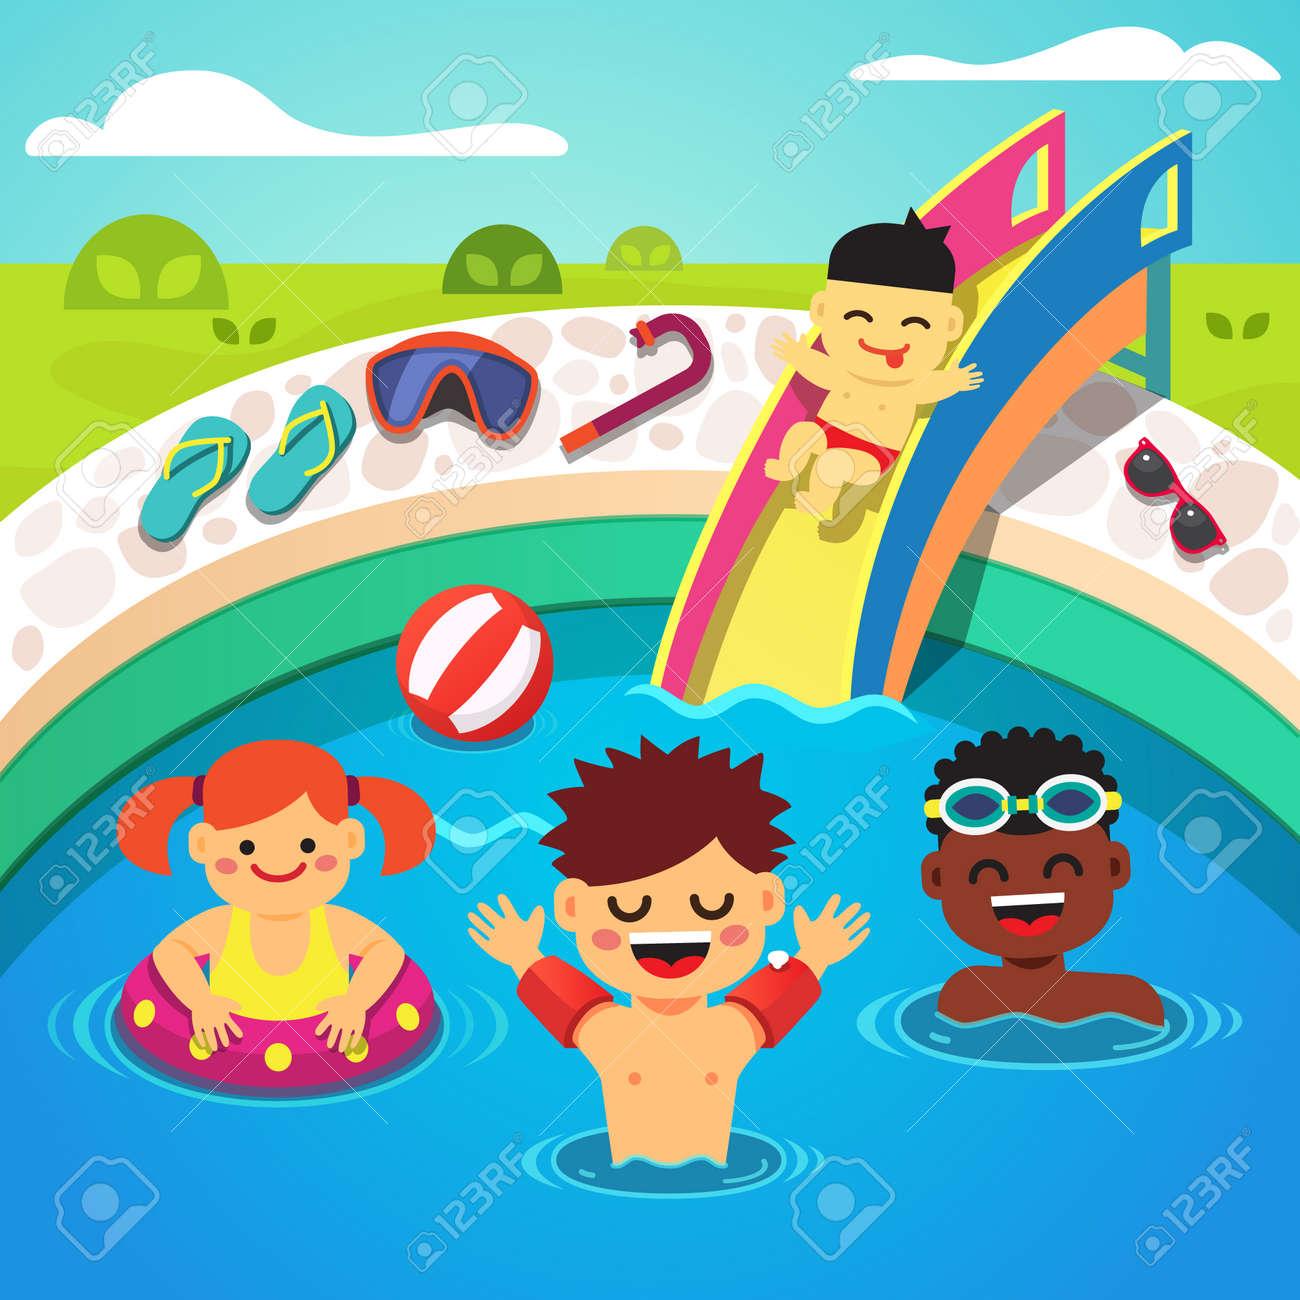 Schwimmbad comic kinder  Kinder Im Schwimmbad Lizenzfreie Vektorgrafiken Kaufen: 123RF